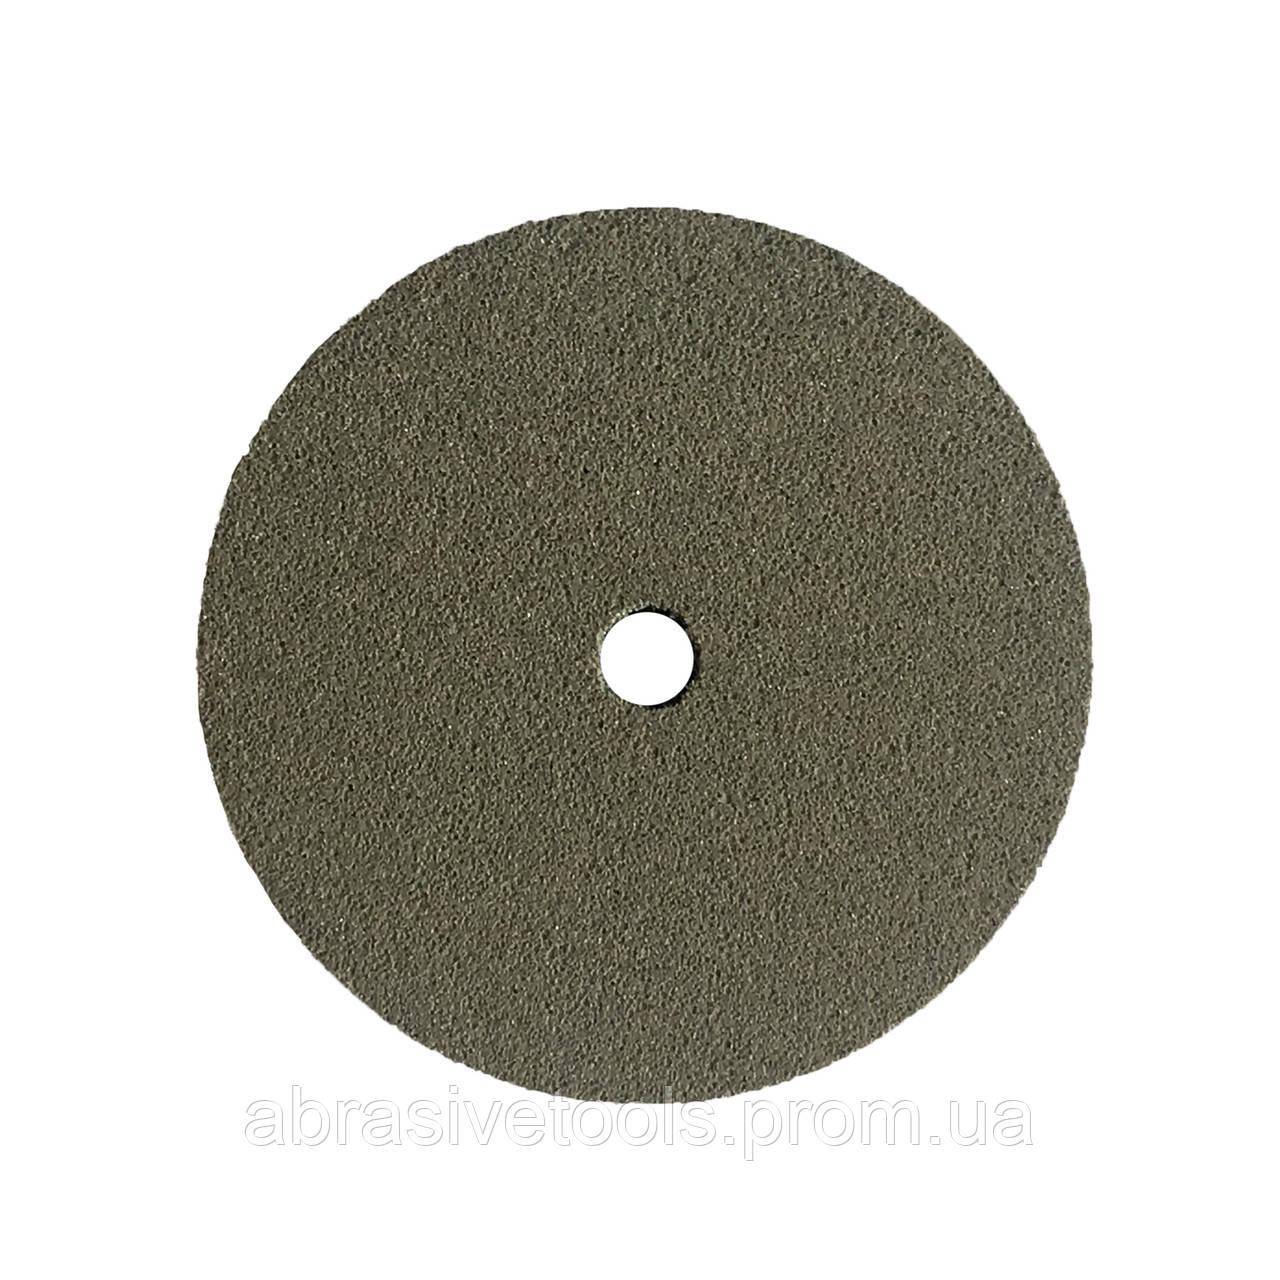 Шлифовальный круг вулканитовый 40х35х6 SC 80 MP